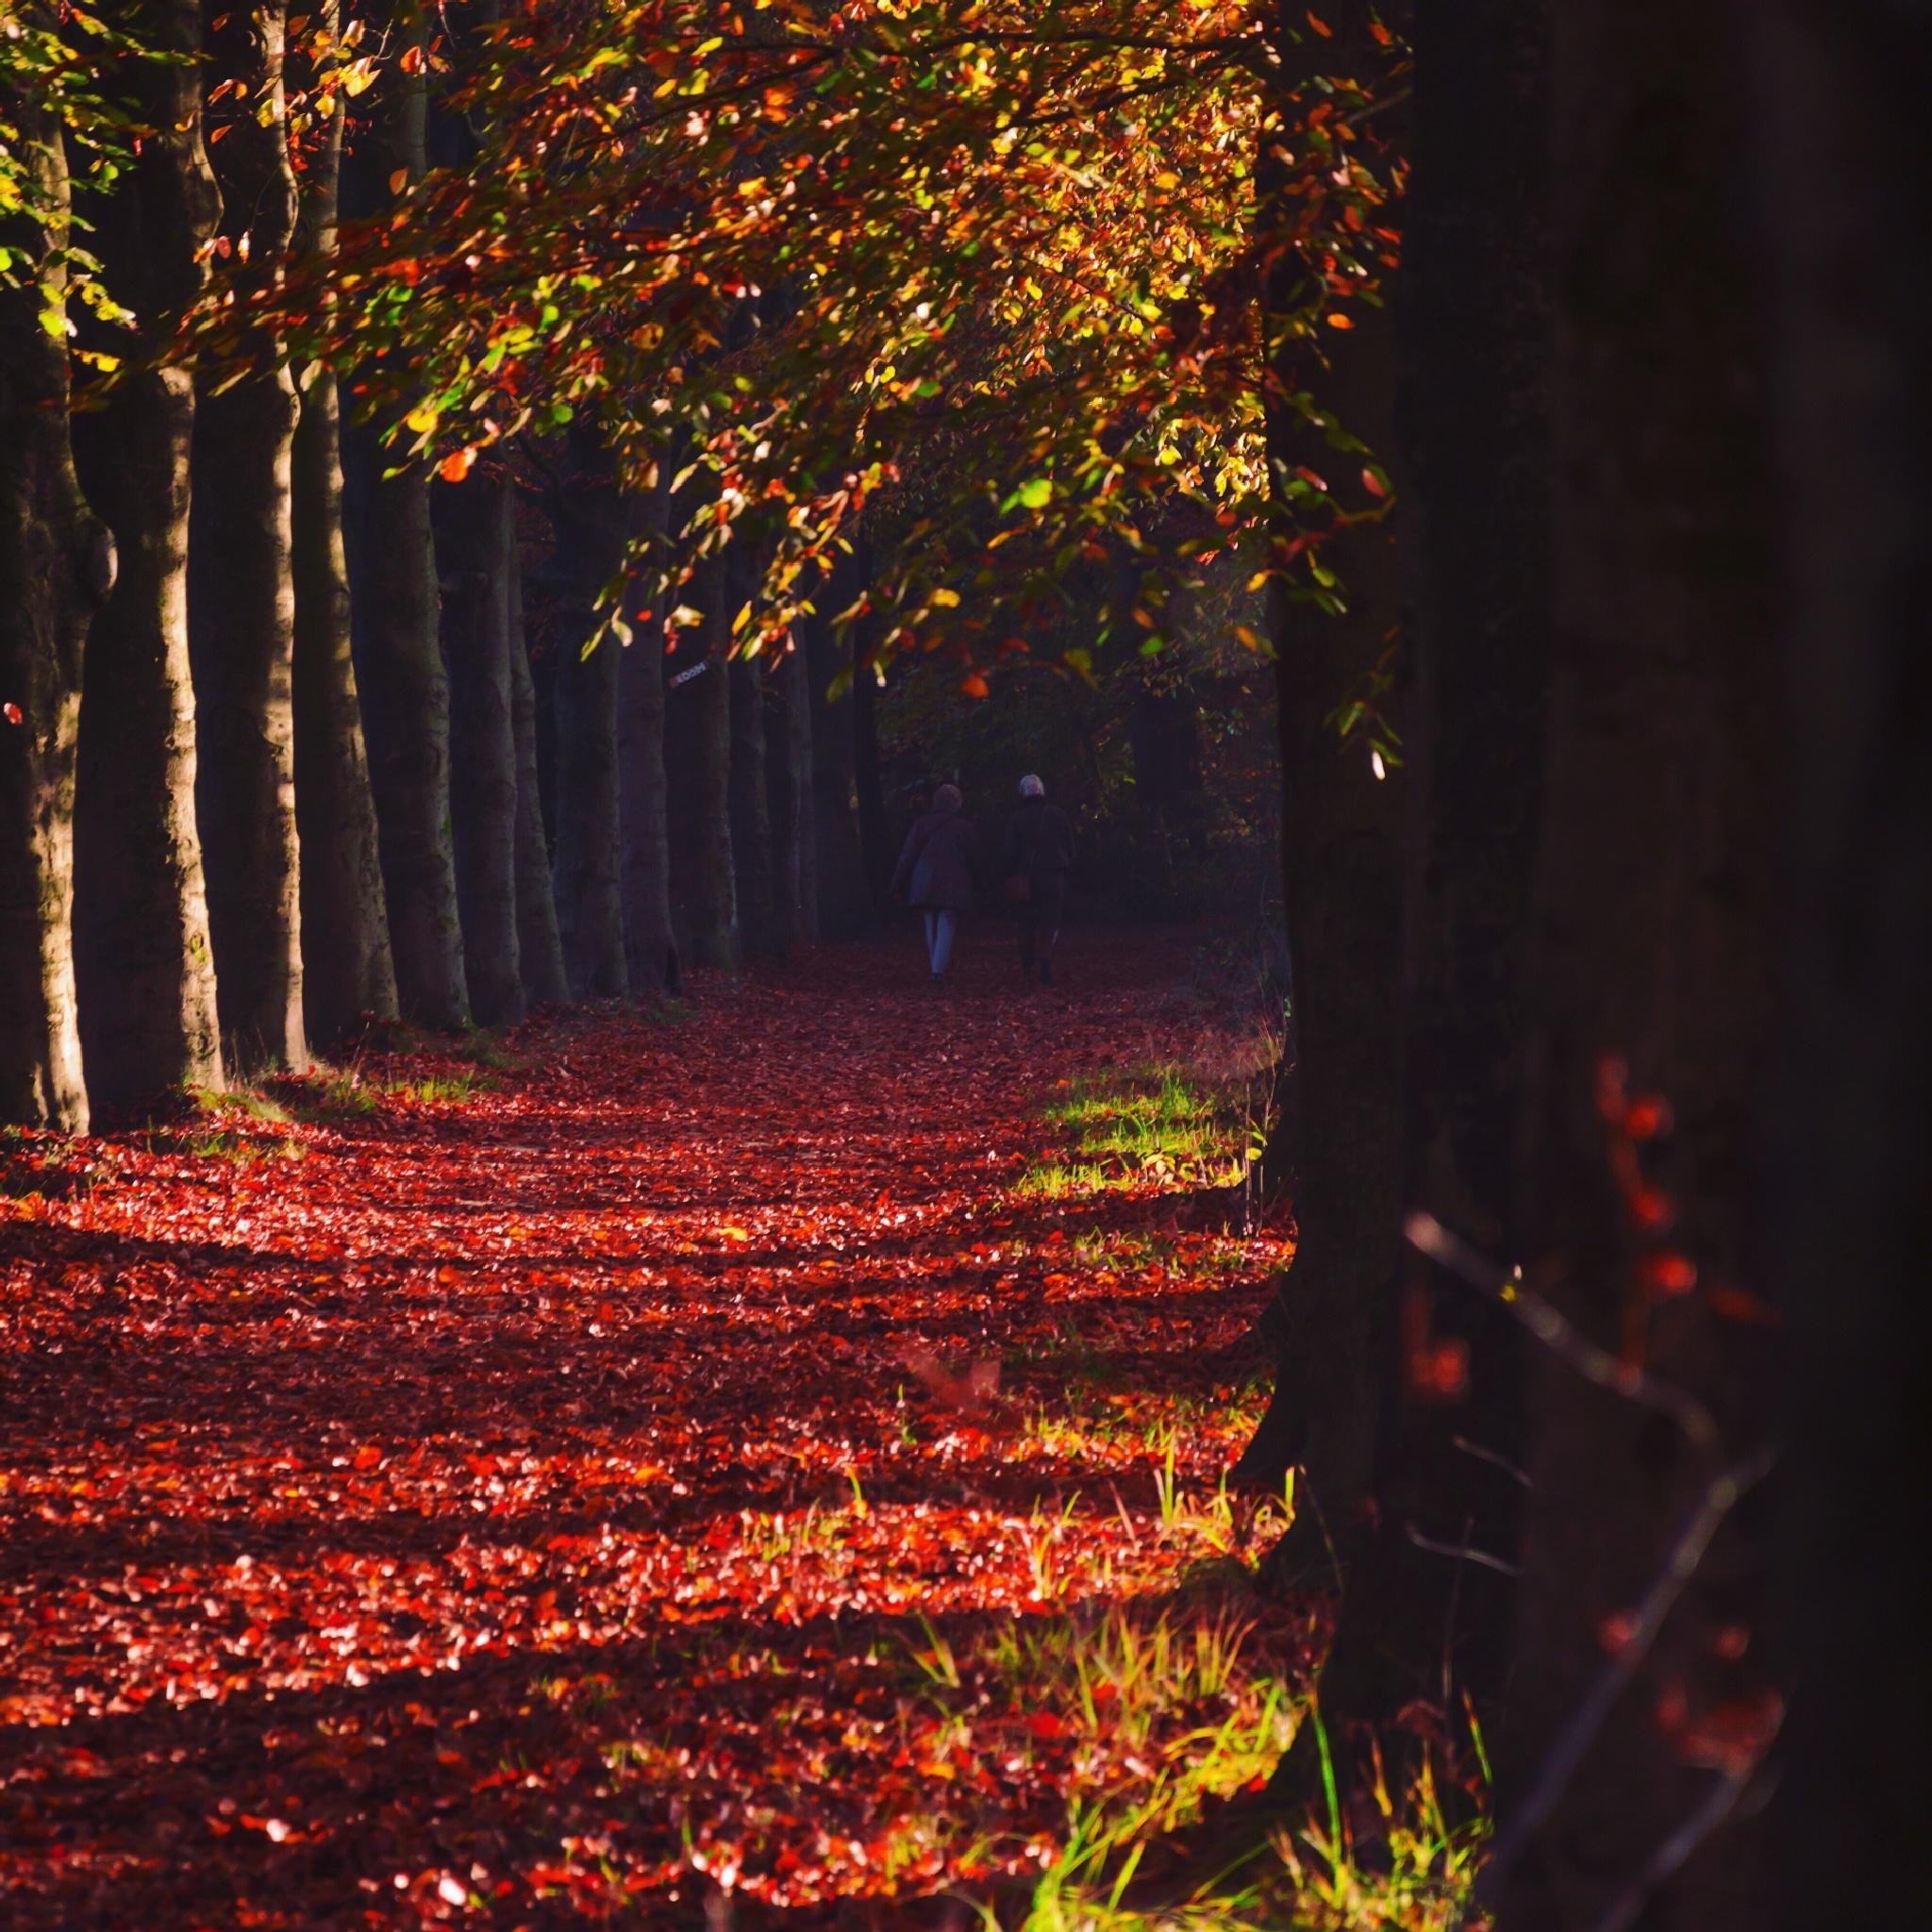 Autumn feelings by Bo Wensink